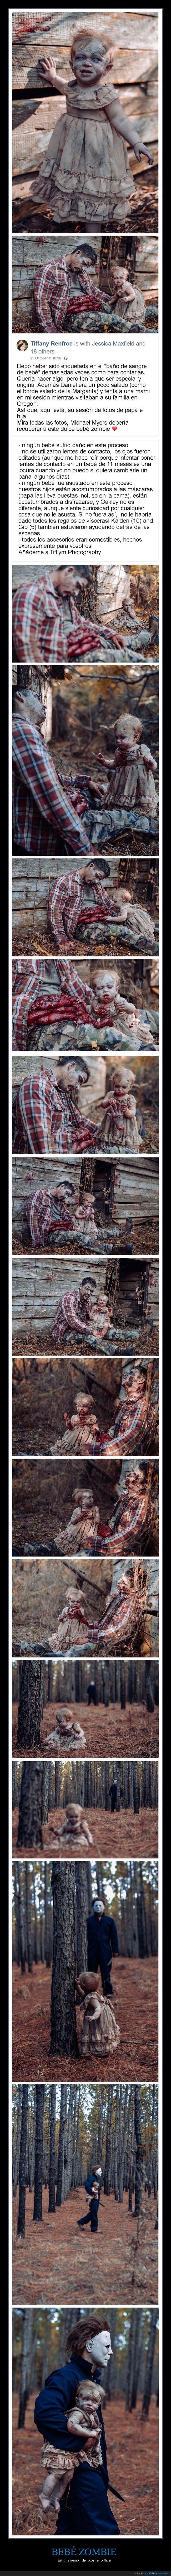 bebé,sesión de fotos,zombie